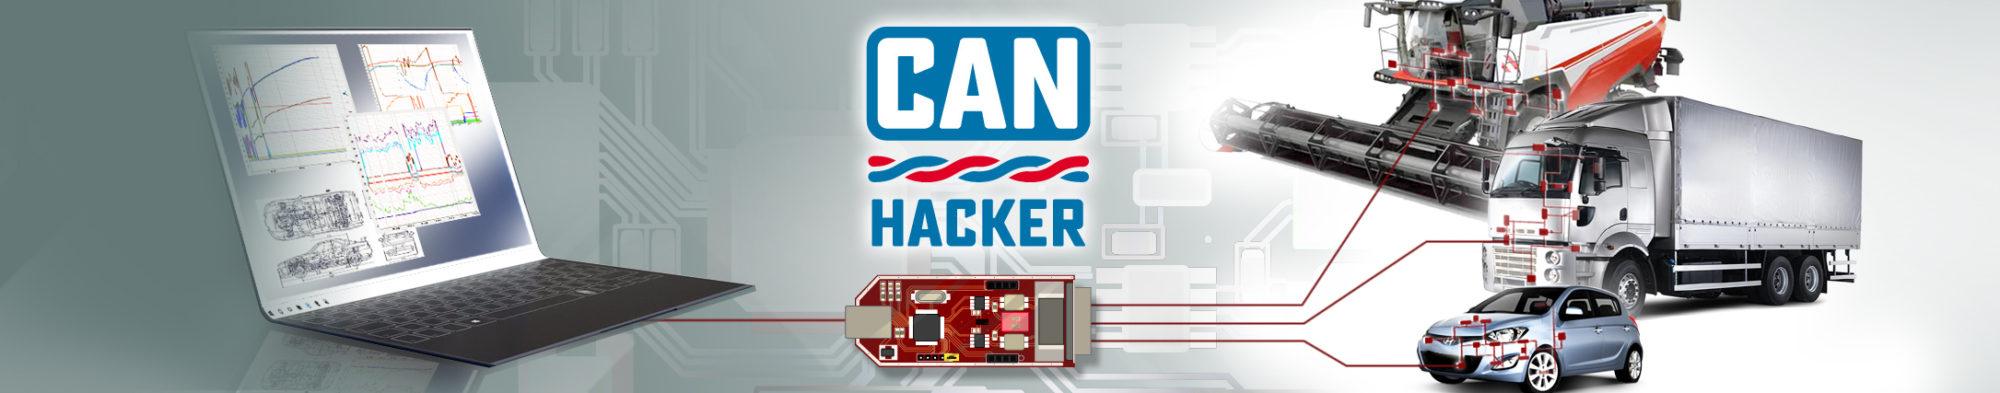 CAN Hacker